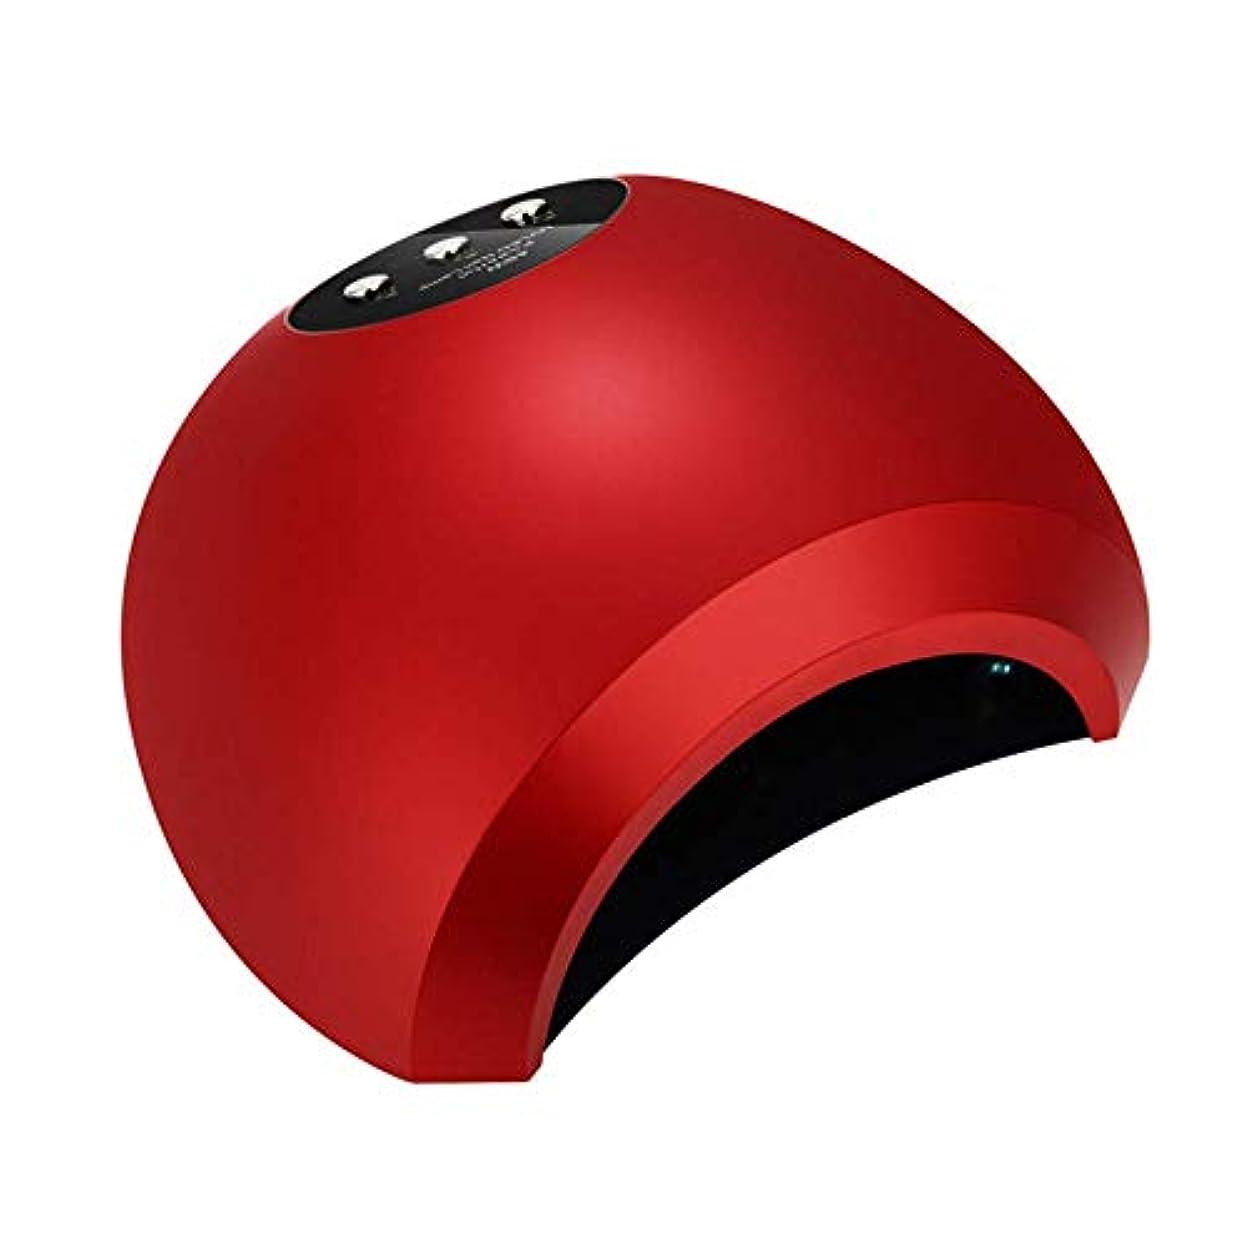 感謝祭農業凶暴なLed UVネイルドライヤー48ワット3モードプロフェッショナル液晶ディスプレイ赤外線センシングジェルポリッシュランプ光硬化マニキュア機、赤,赤